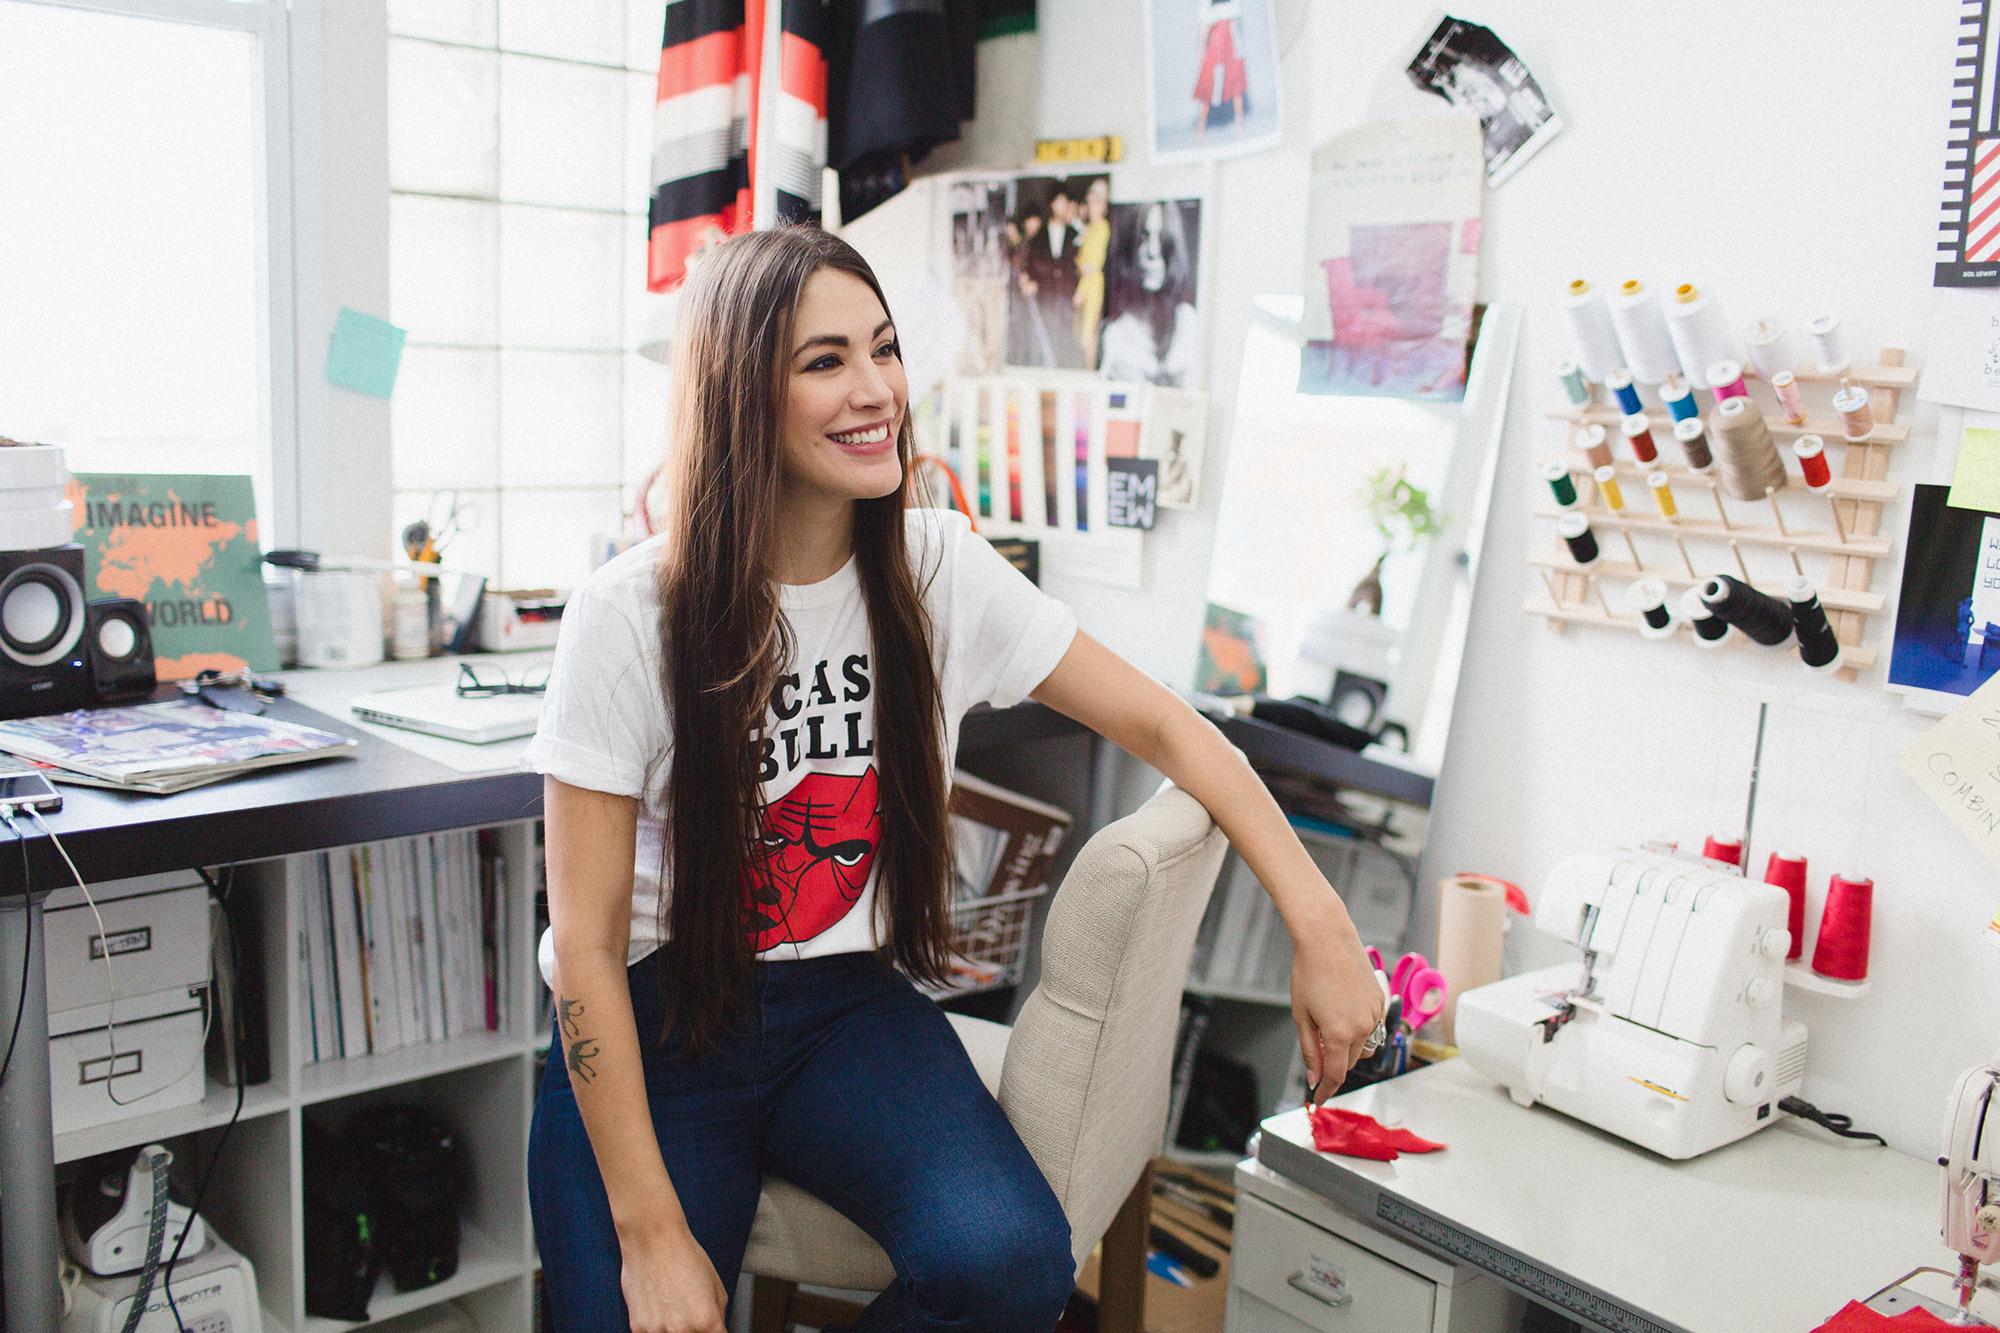 Korina Emmerich, founder of Emmerich NY